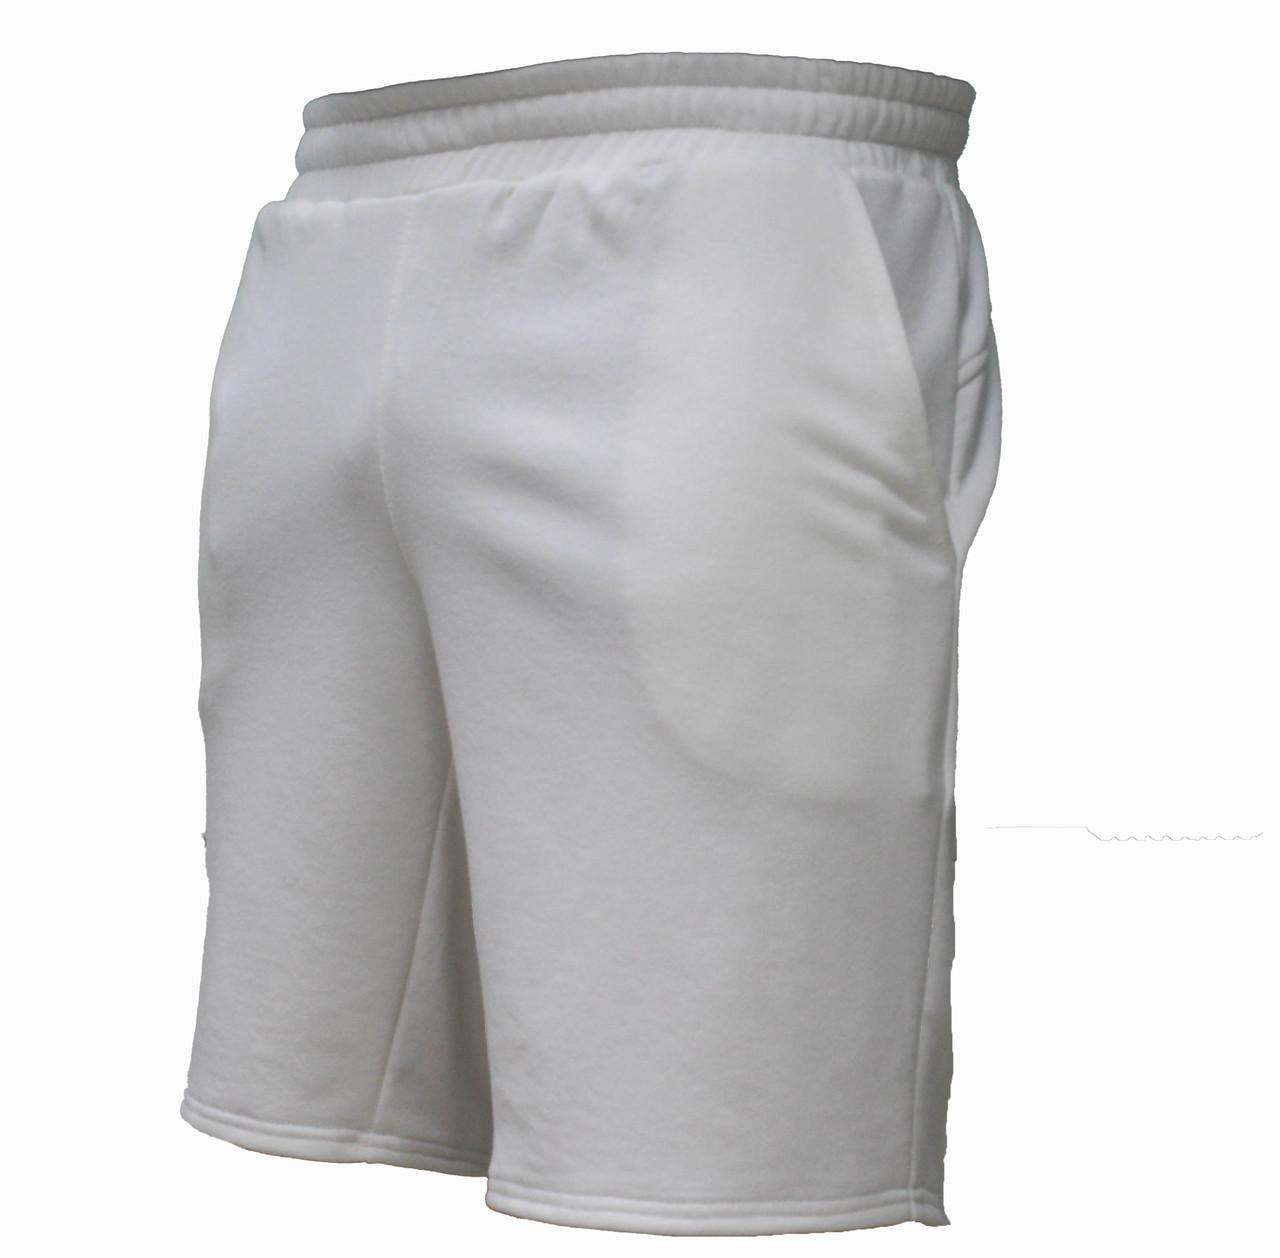 Мужские повседневные фактурные белые трикотажные шорты